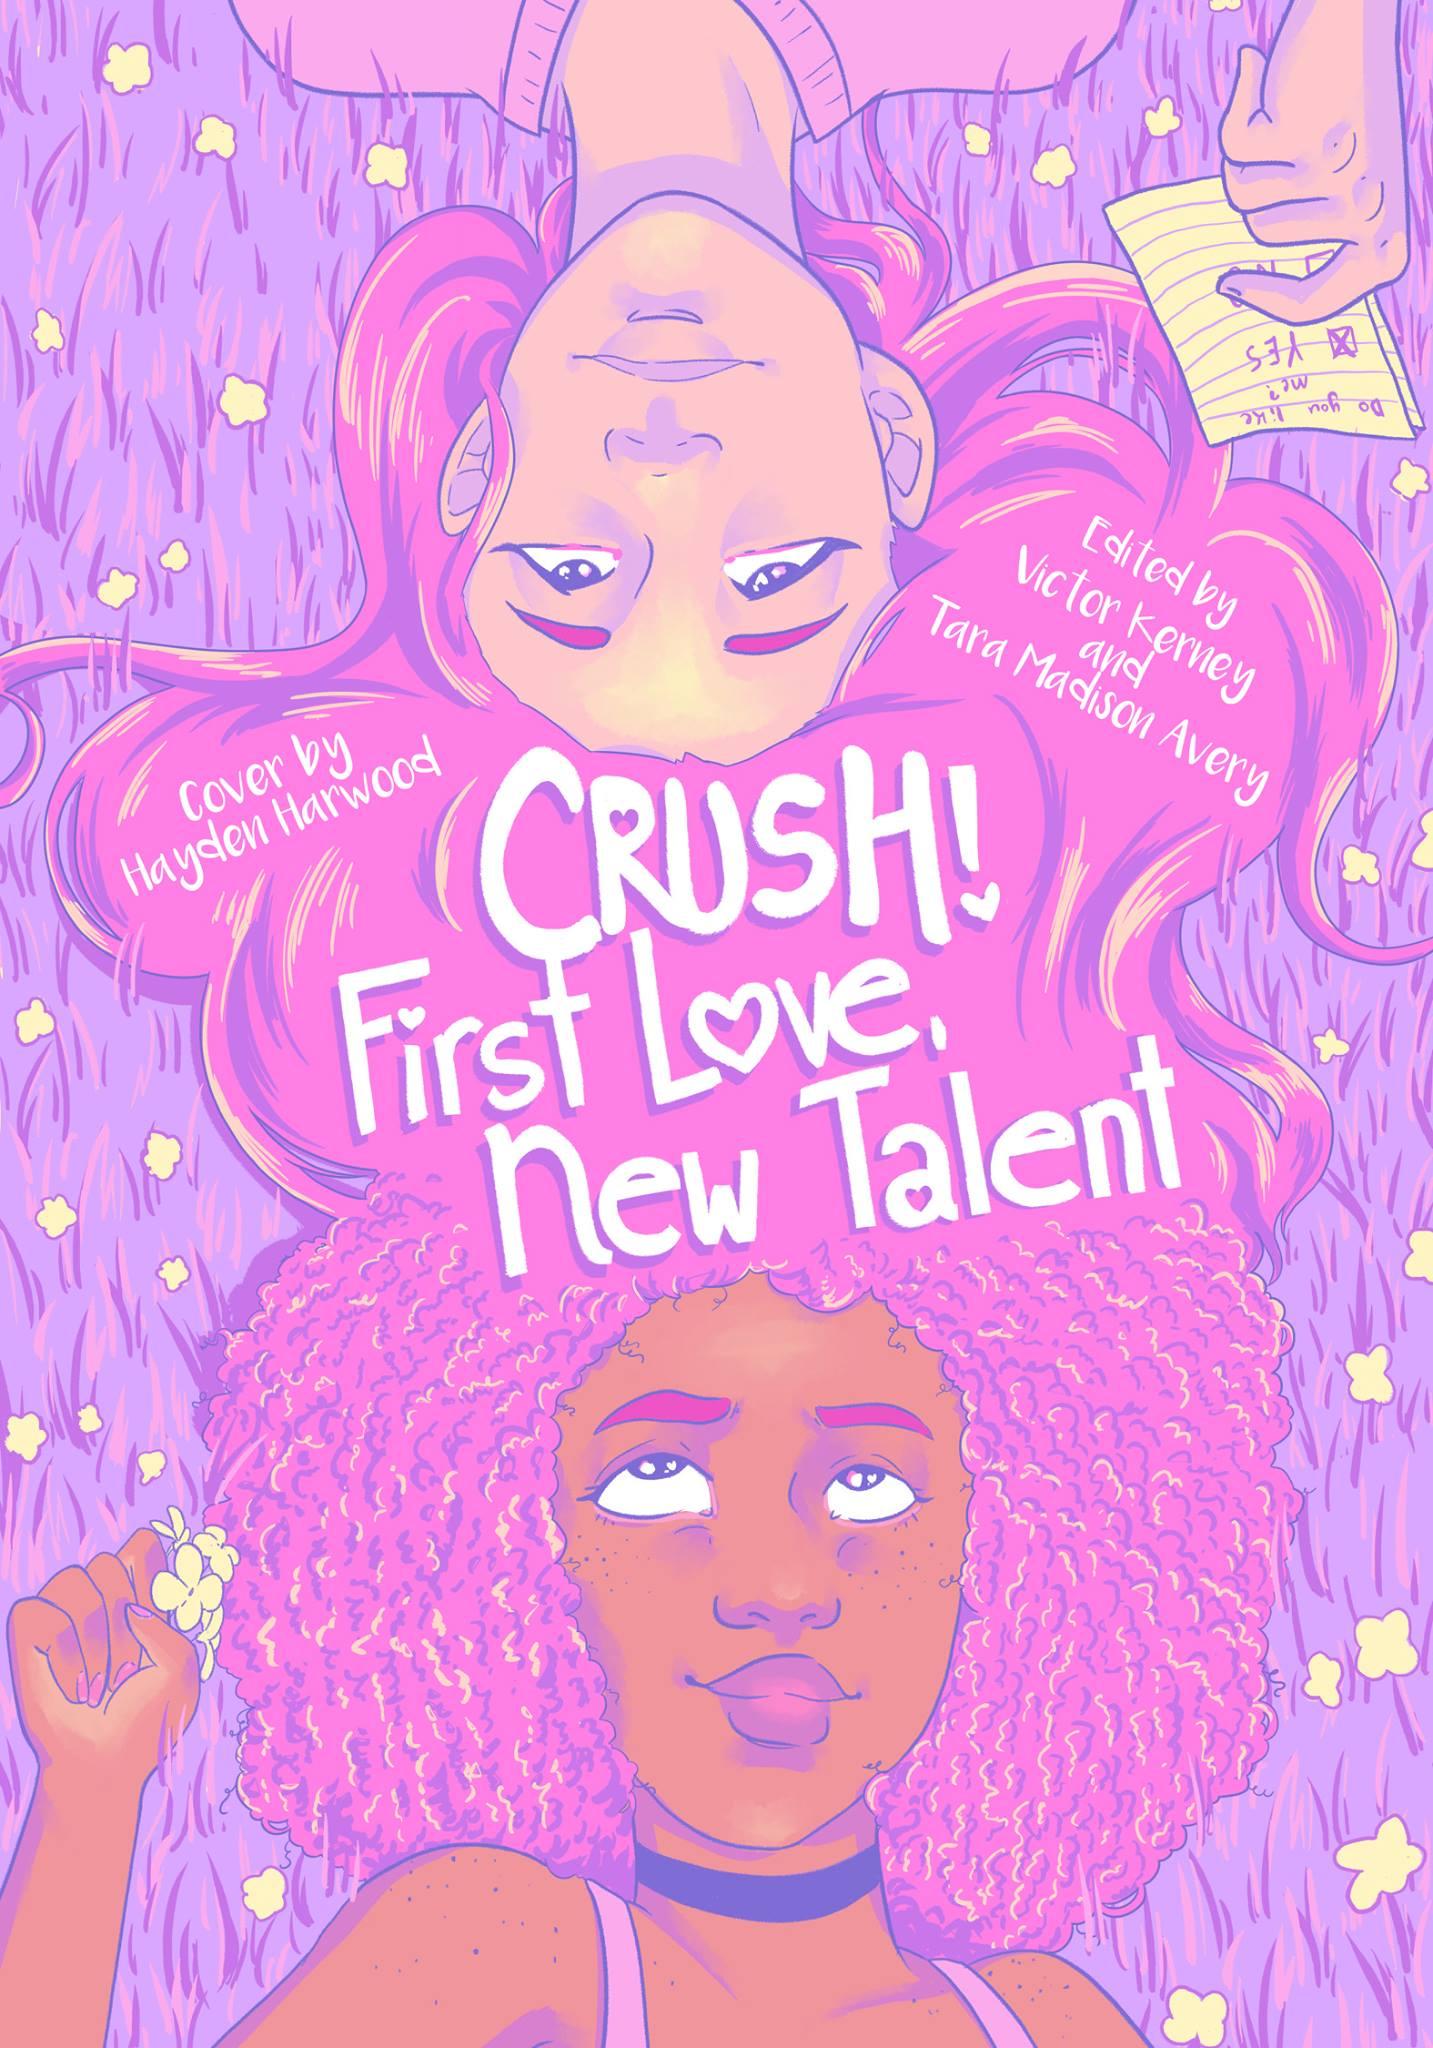 gay comic-con 2019 crush